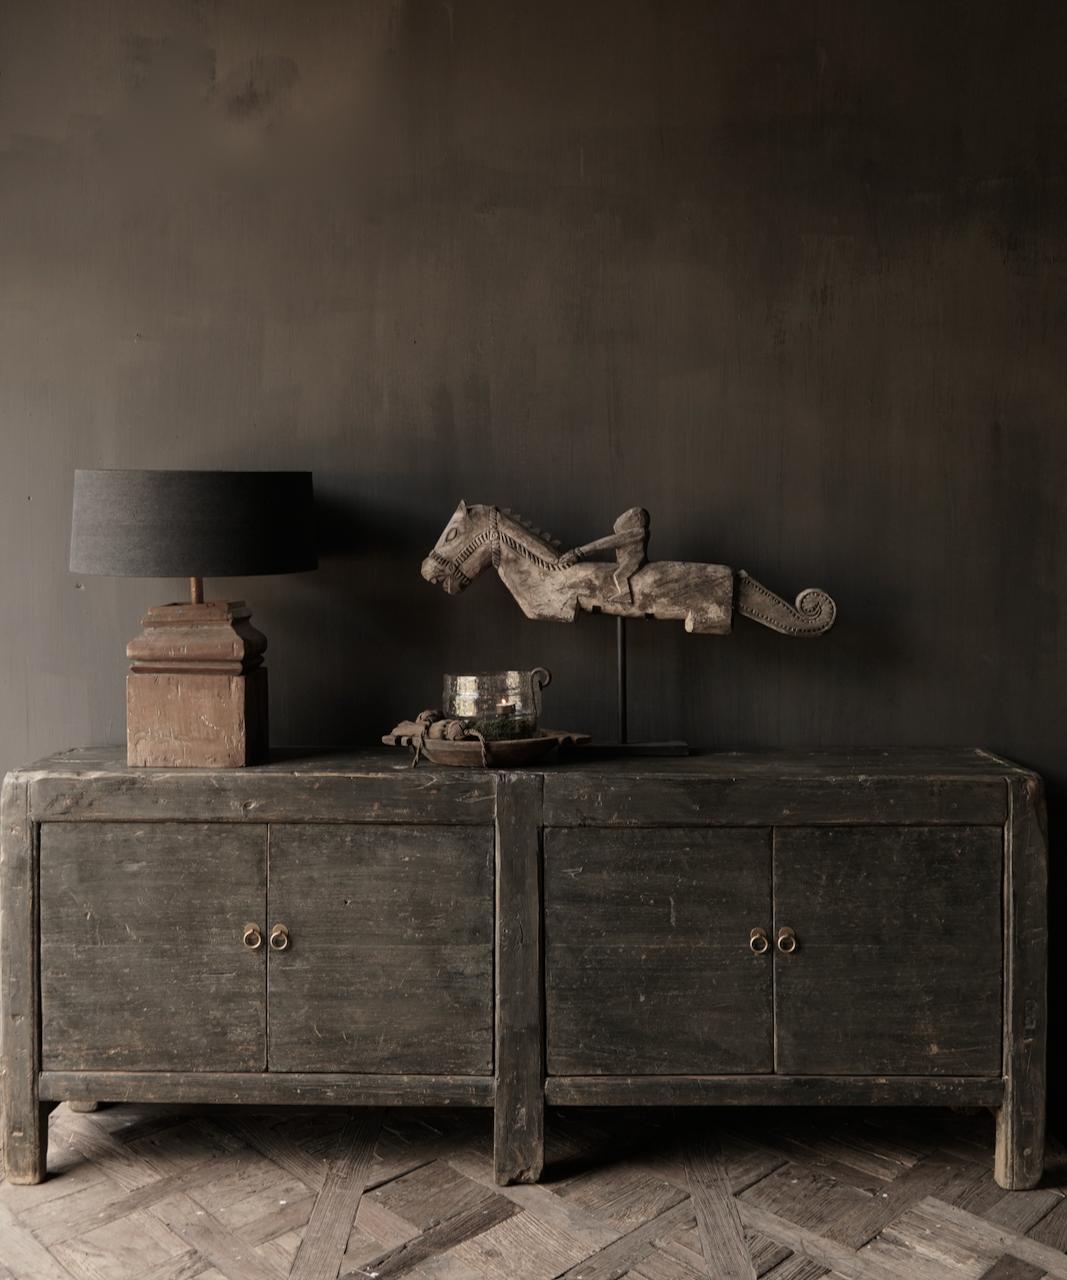 Altes authentisches schwarz / braunes Sideboard mit vier Türen-5